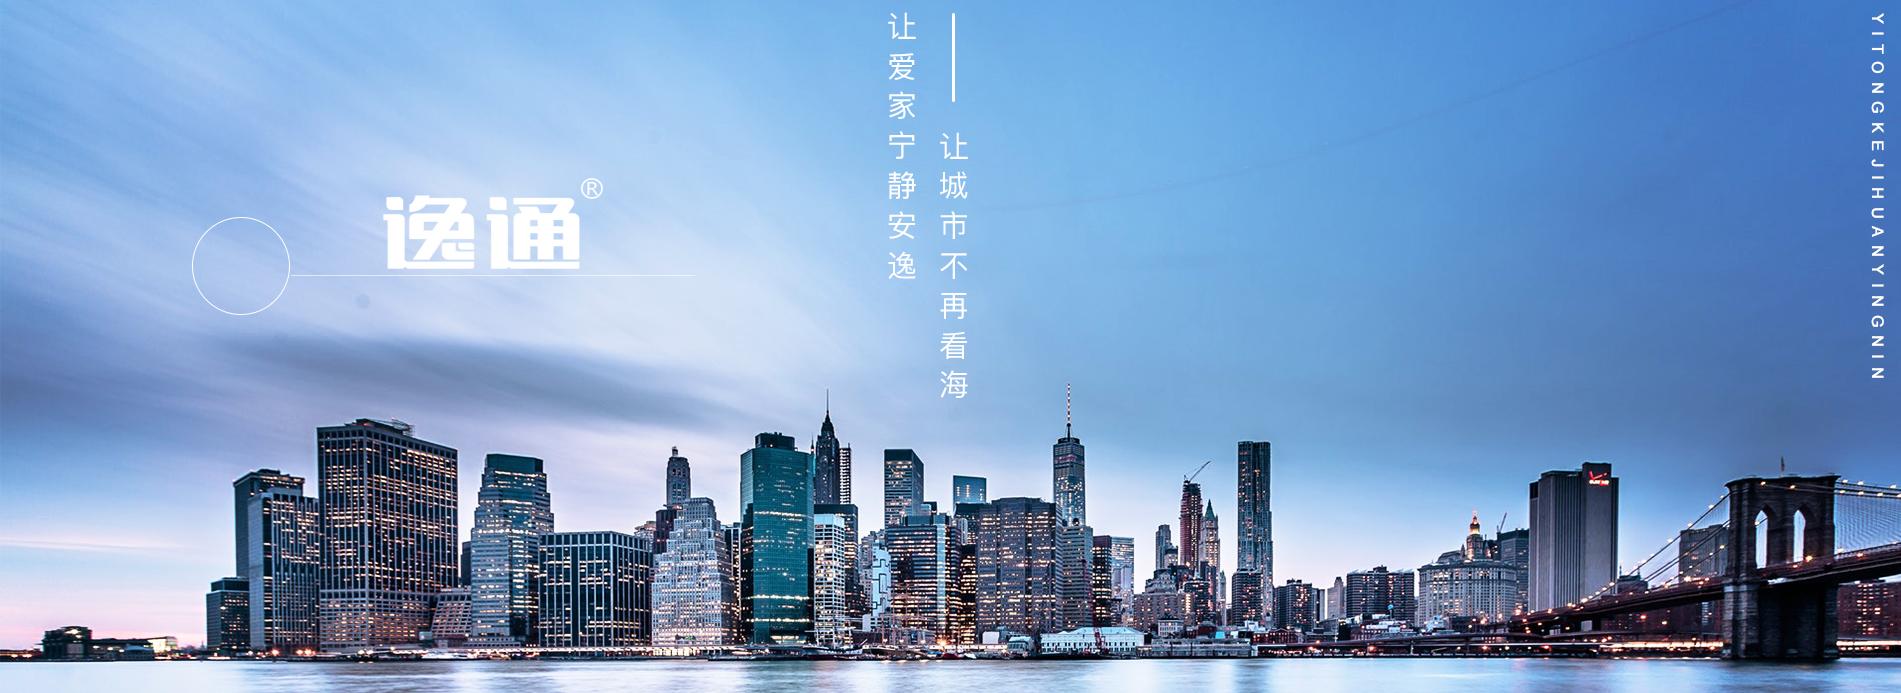 让爱家宁静安逸,。让城市不再看海